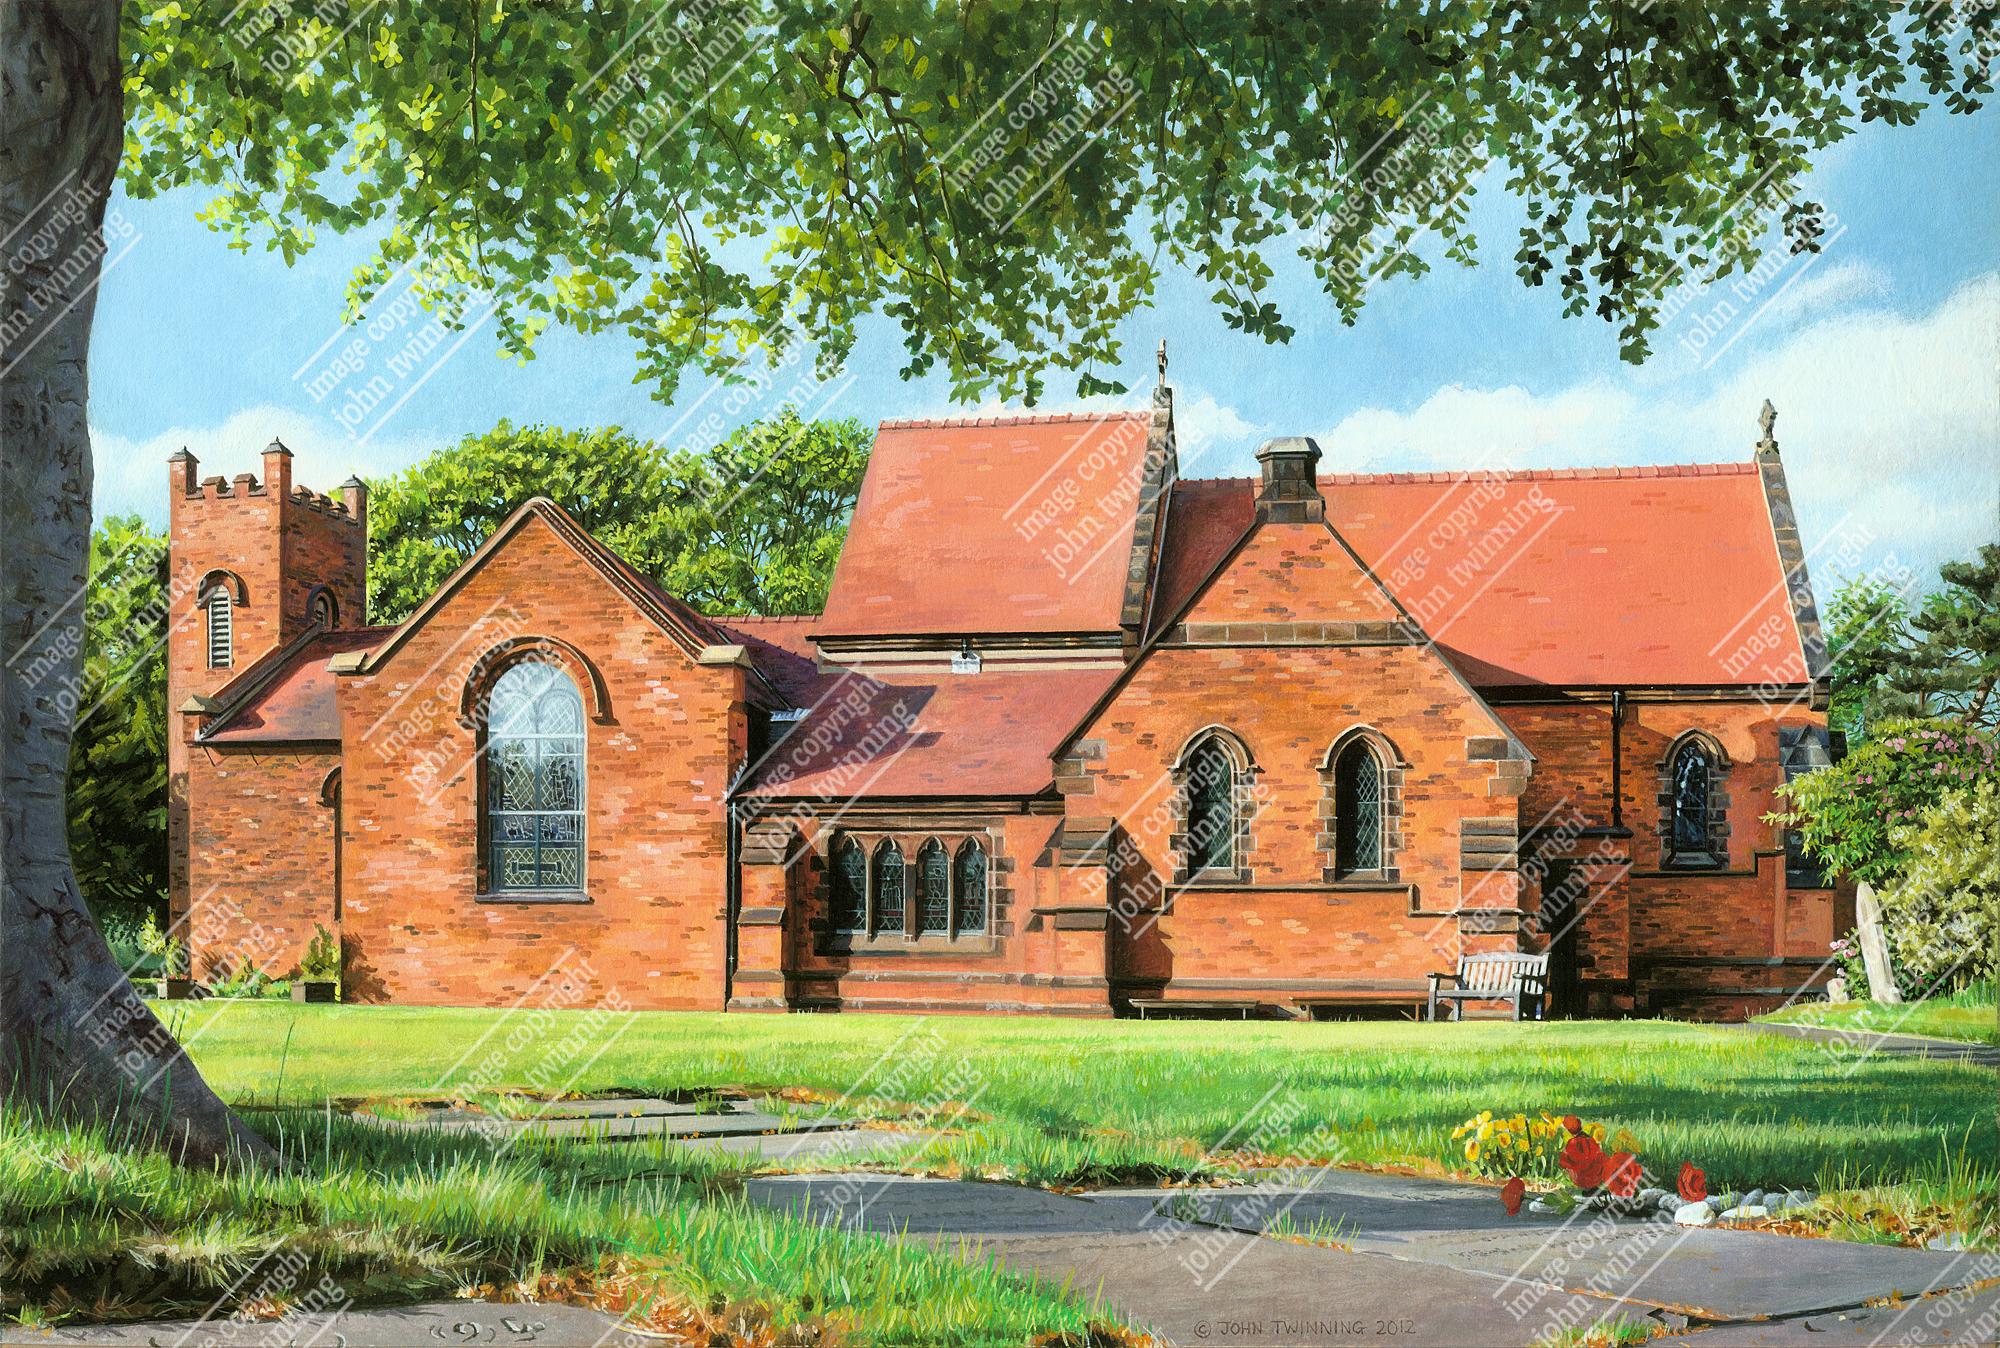 Christ Church, Gentleshaw